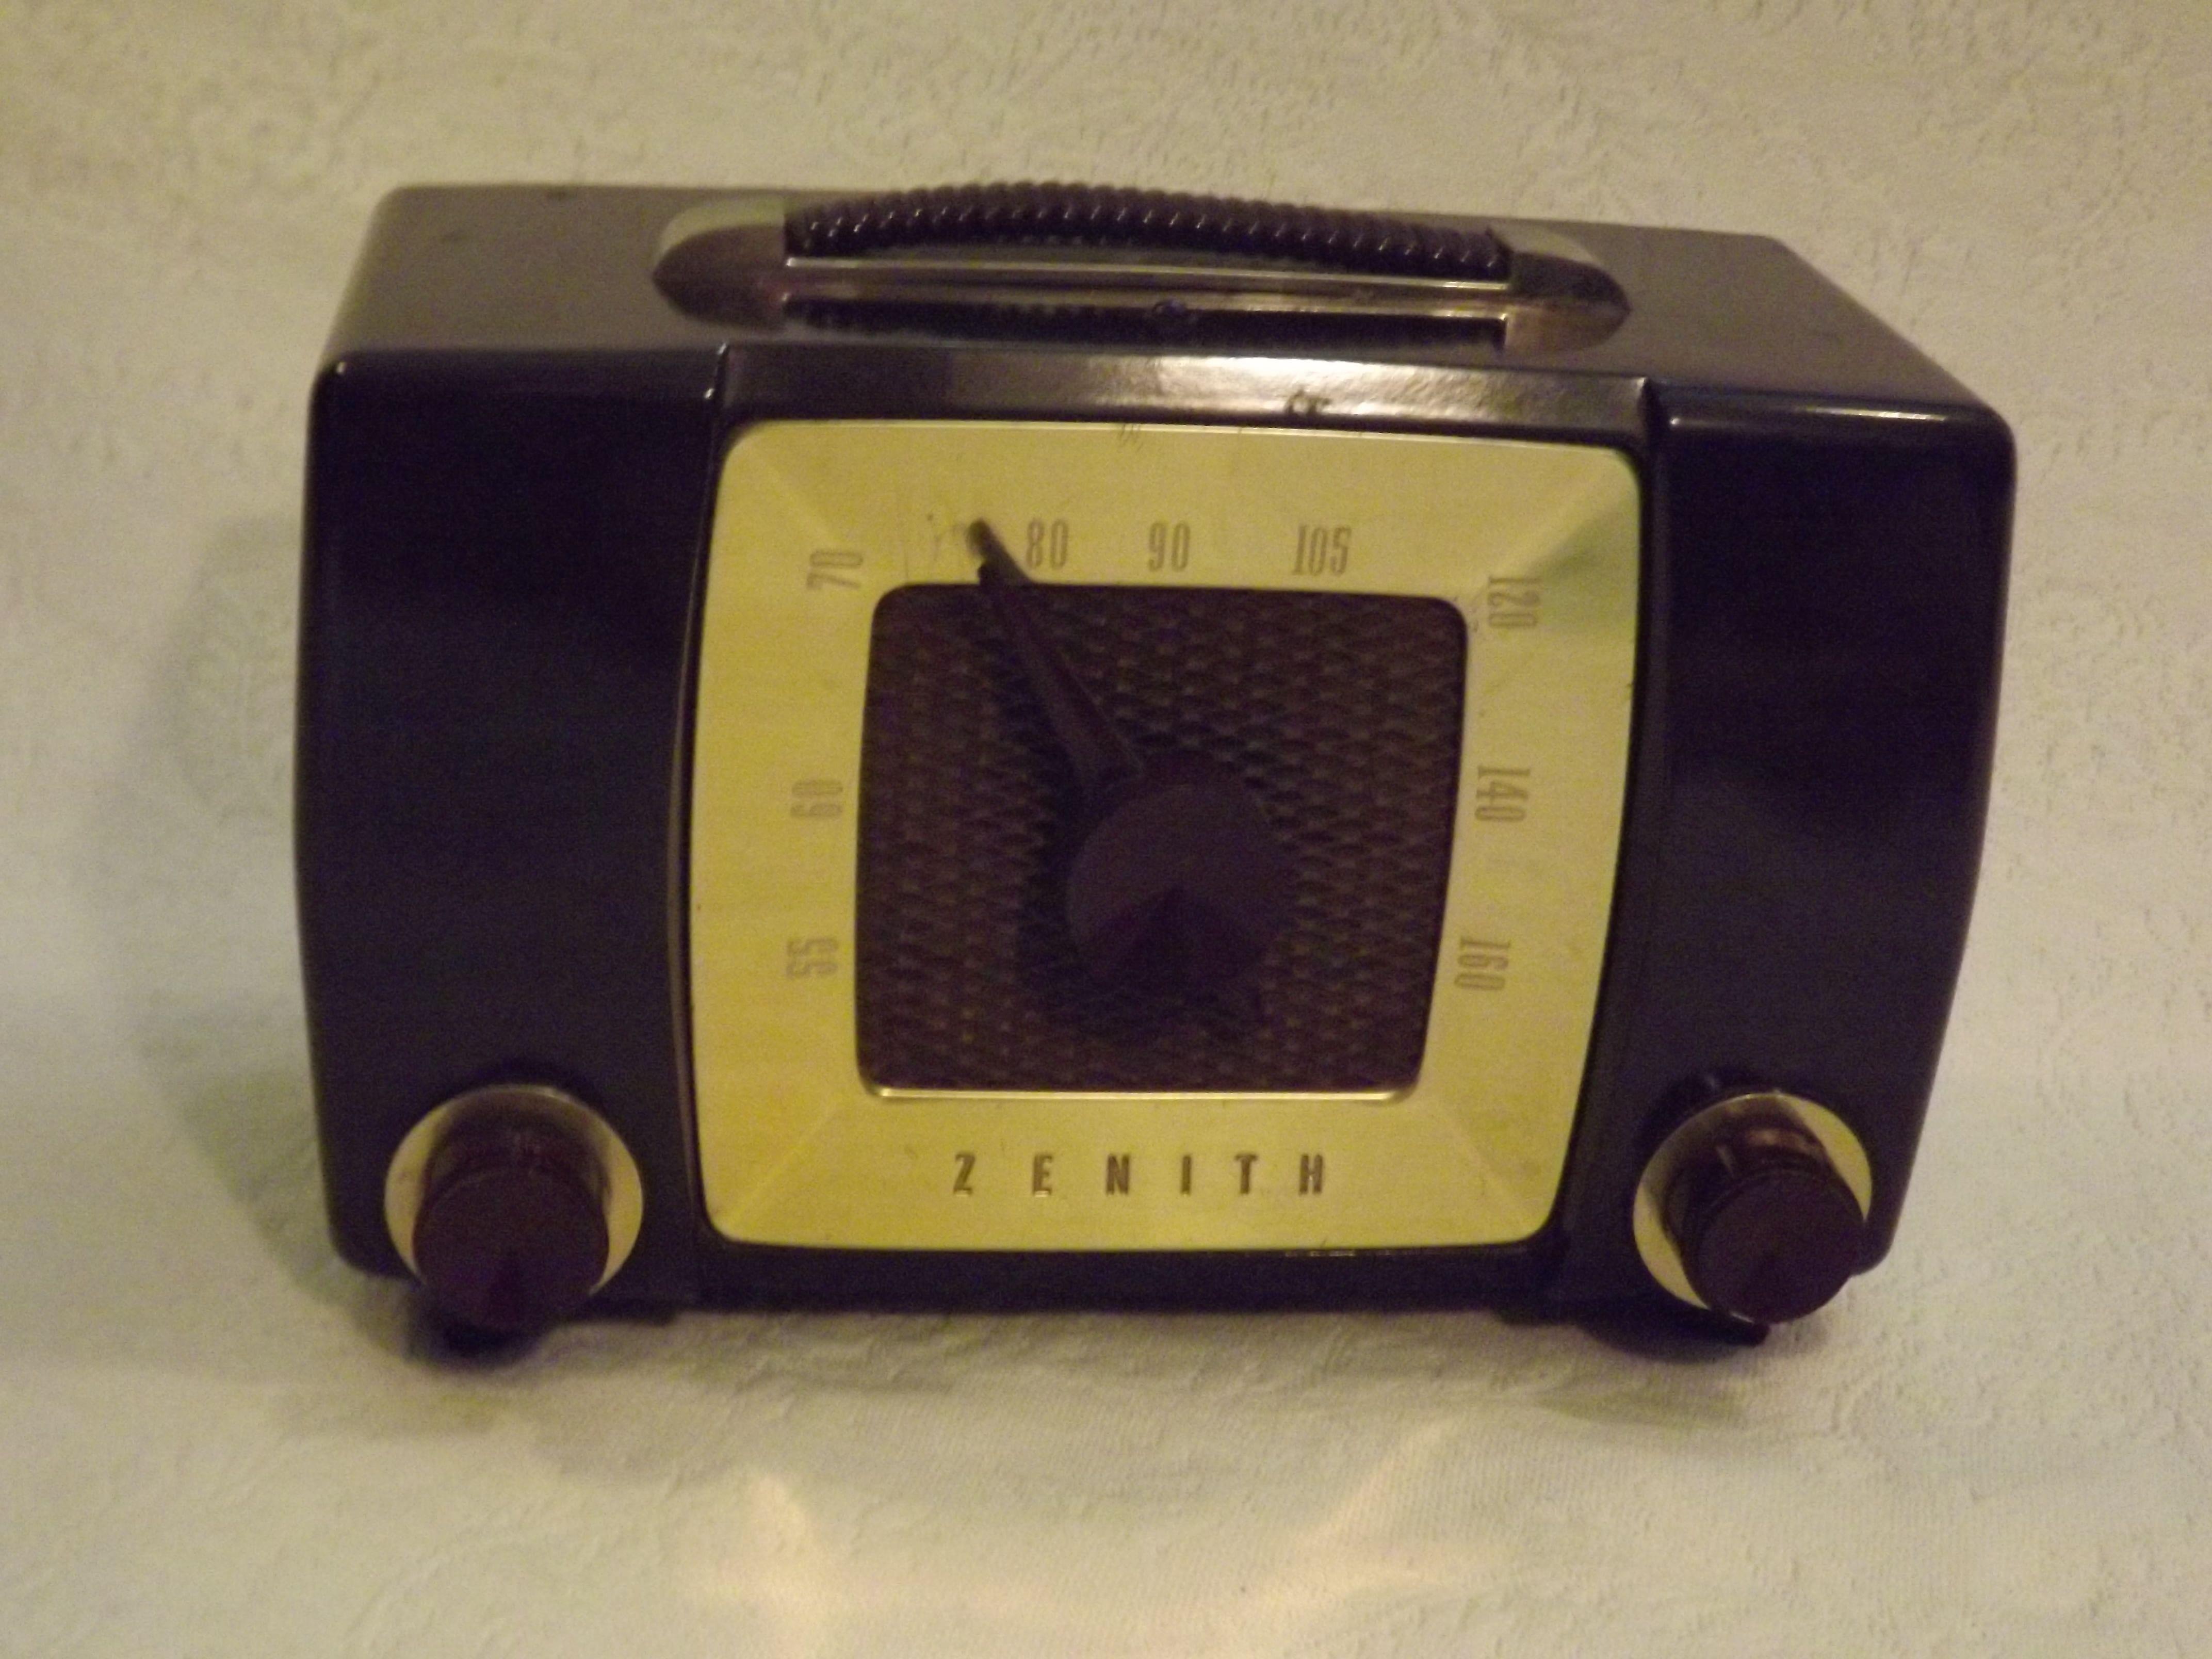 Zenith Radio Kitchen Appliances Radio Zenith